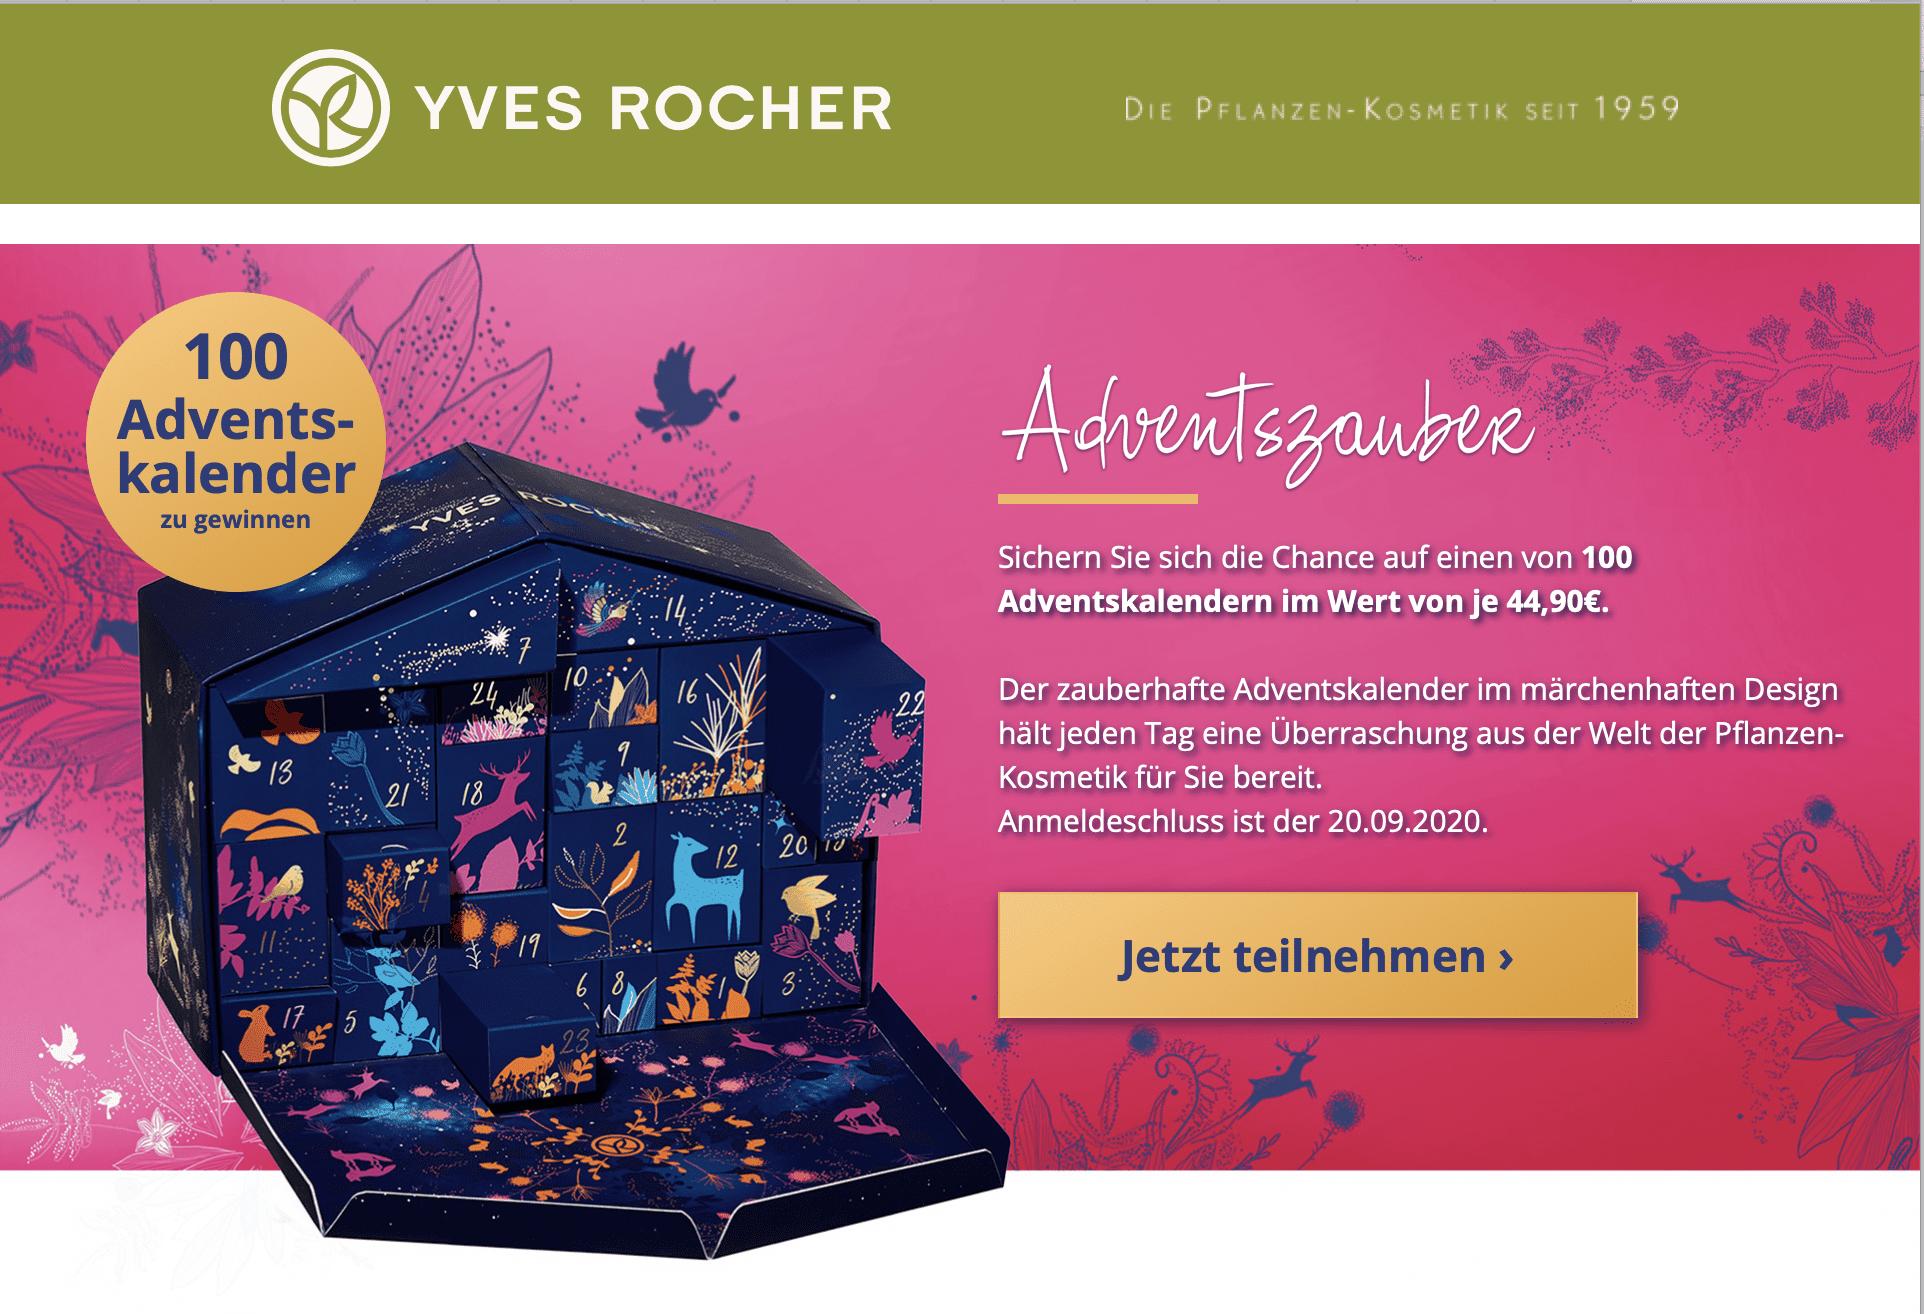 Yves Rocher Adventskalender-Gewinnspiel 2020 Gewinnspiele zur Lead-Generierung